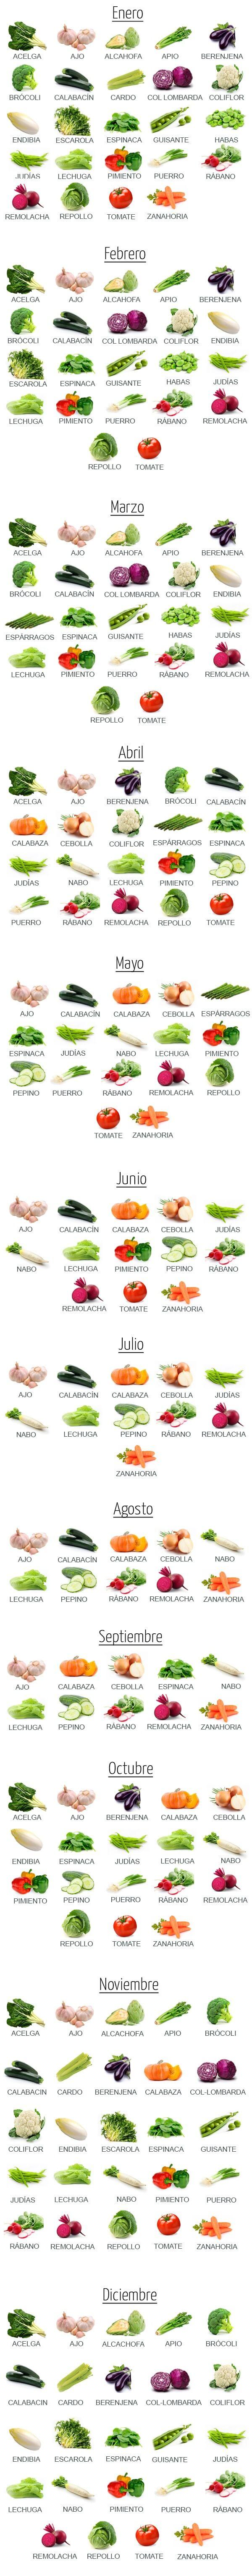 西班牙蔬菜日历,西班牙蔬菜单词,每月份出什么蔬菜